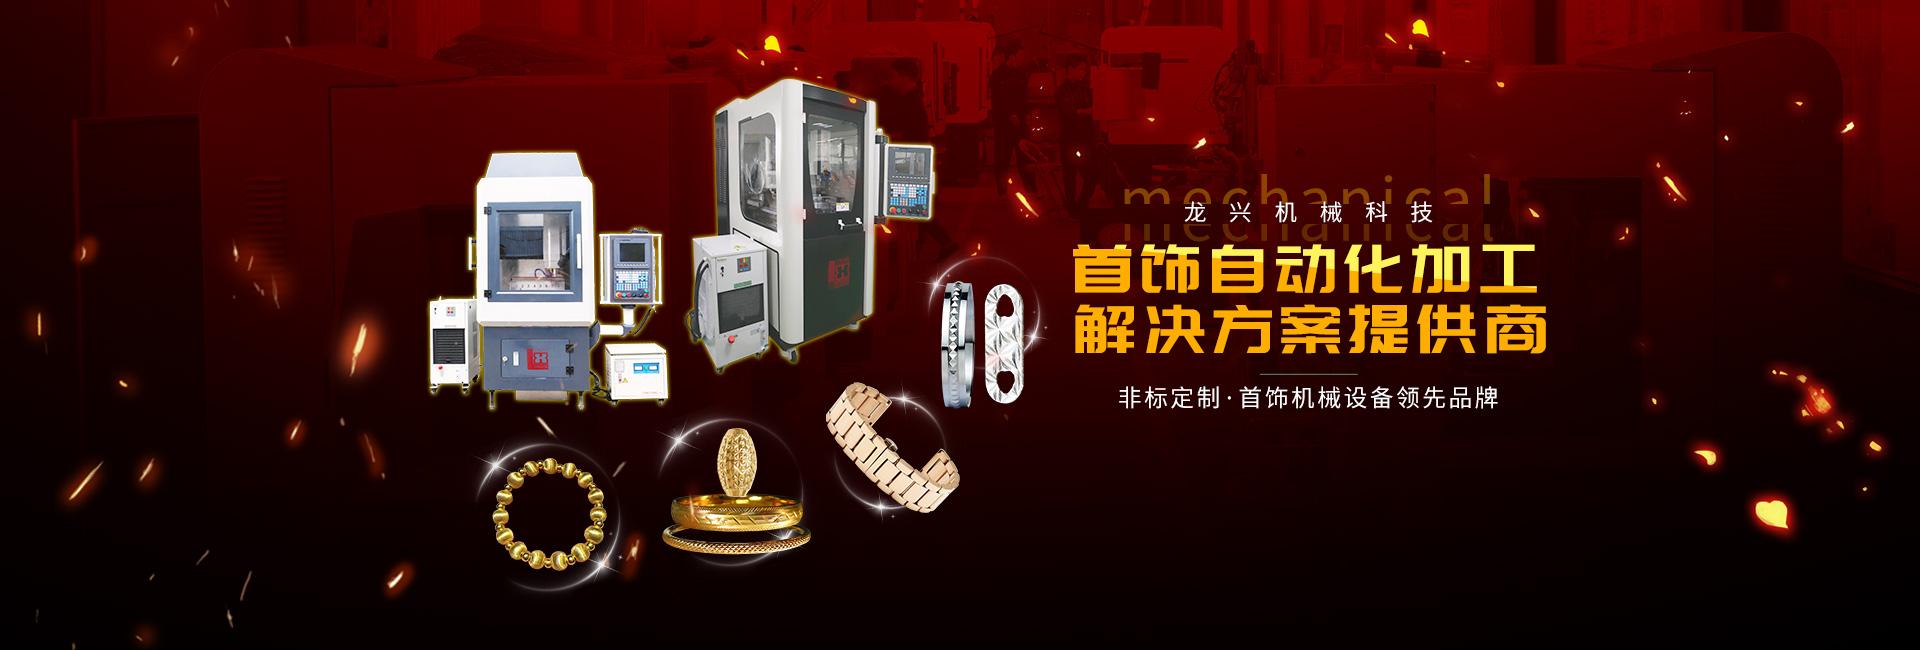 深圳市龍興機械科技有限公司